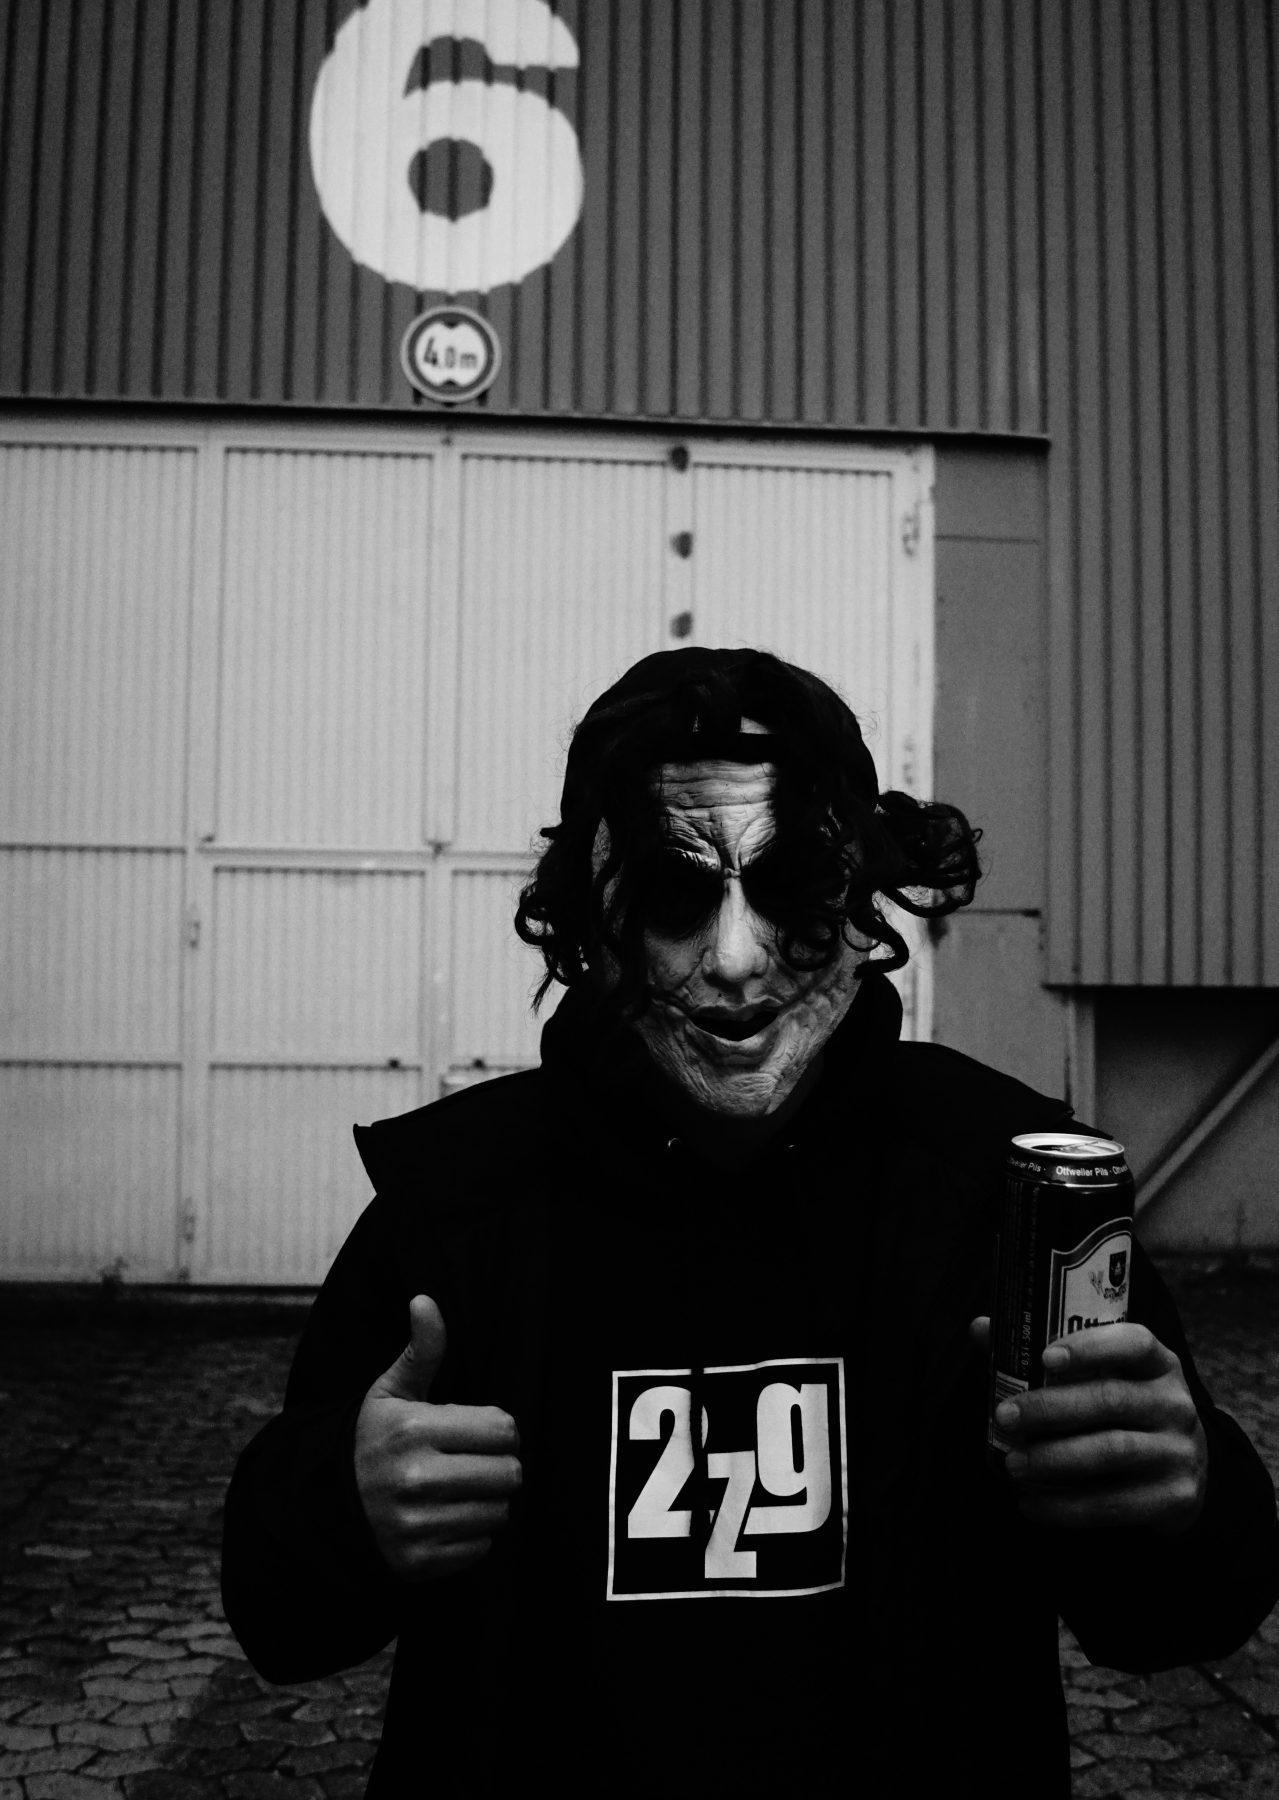 Einblicke in Monochrom - Foto Lukas Pell